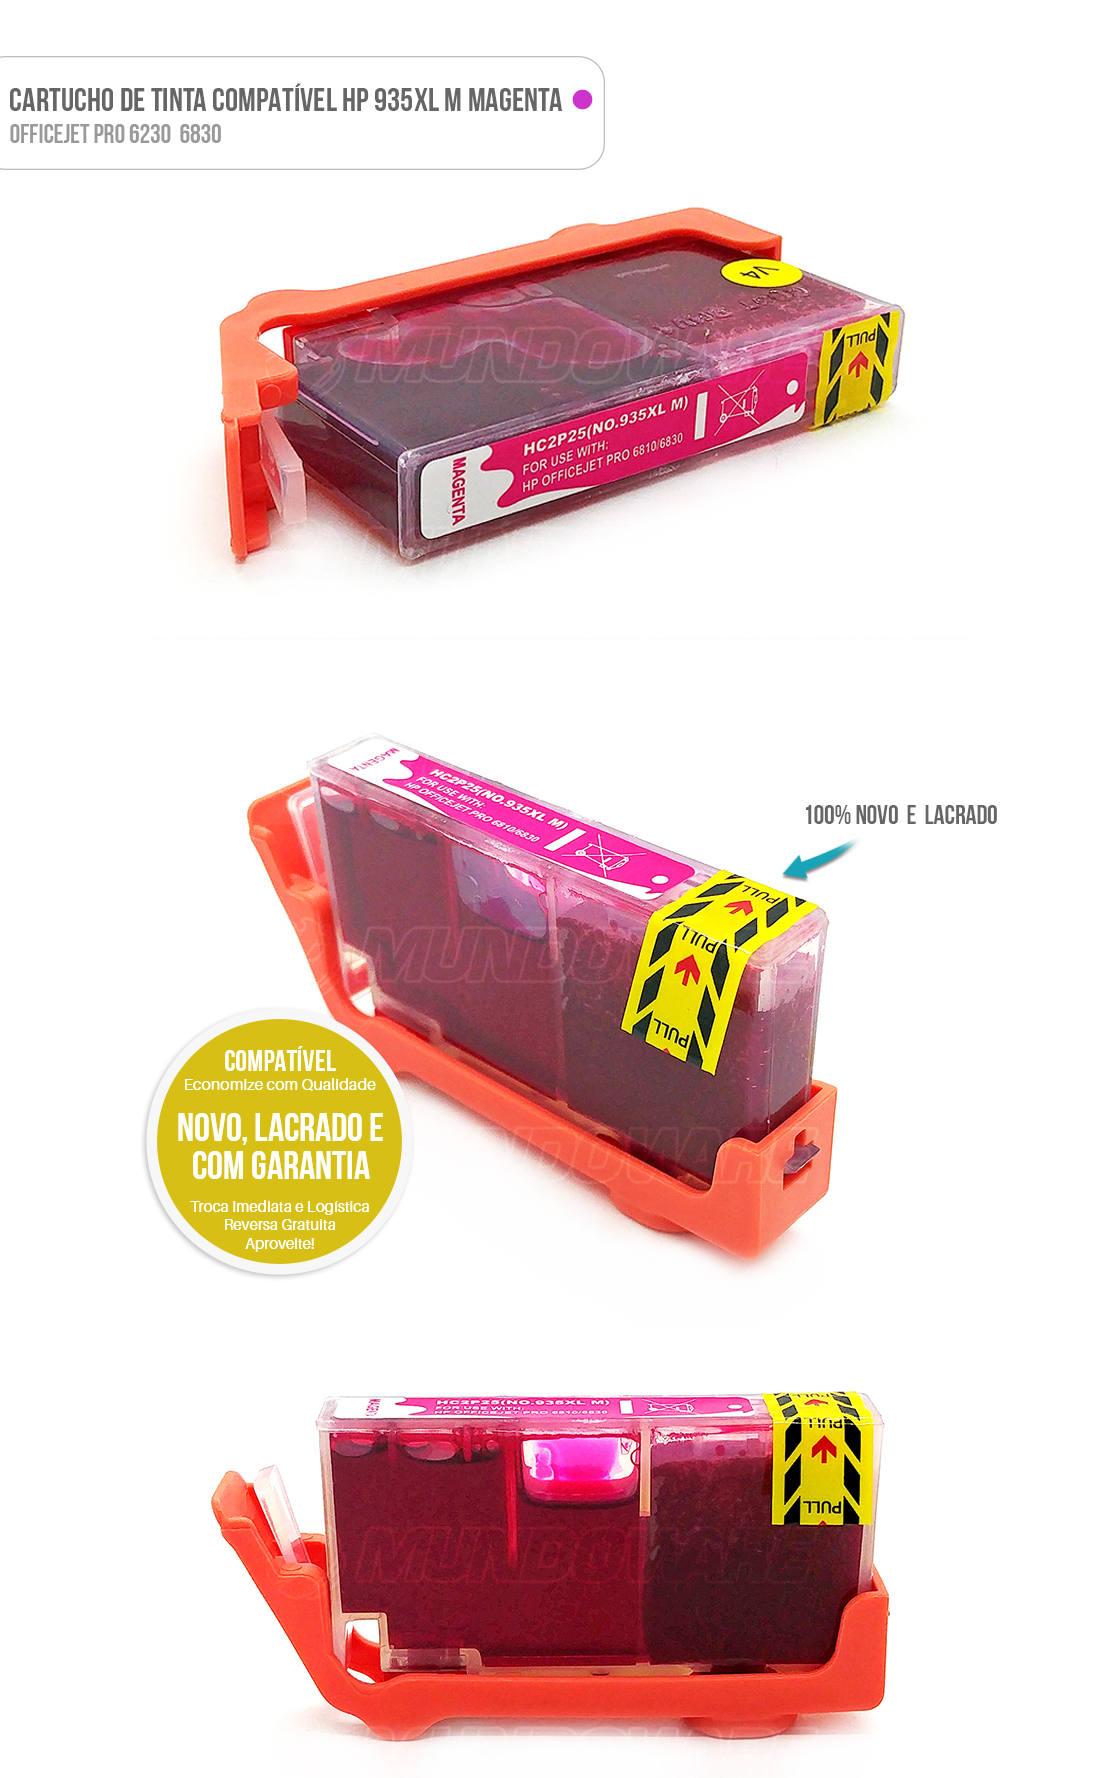 Cartucho de Tinta compatível 935xl 935 xl magenta para impressora 6230 6830